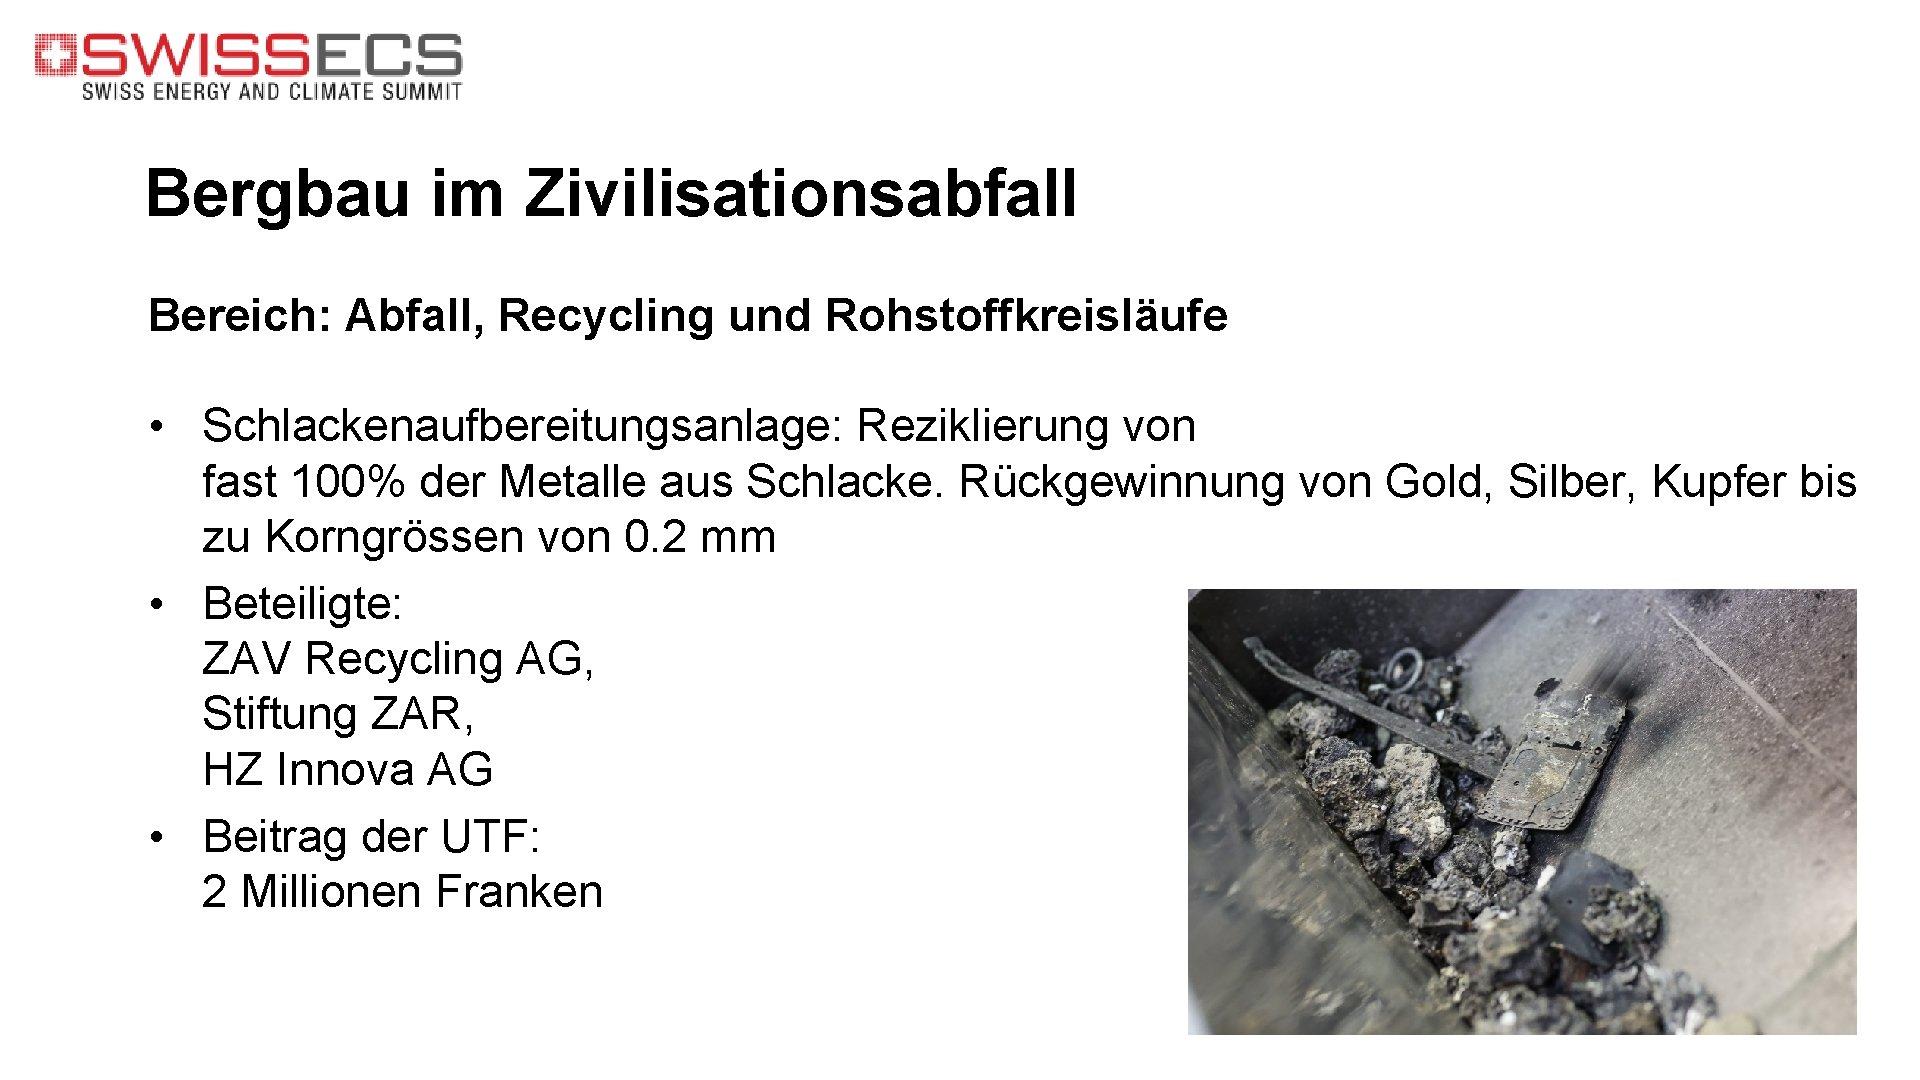 Bergbau im Zivilisationsabfall Bereich: Abfall, Recycling und Rohstoffkreisläufe • Schlackenaufbereitungsanlage: Reziklierung von fast 100%